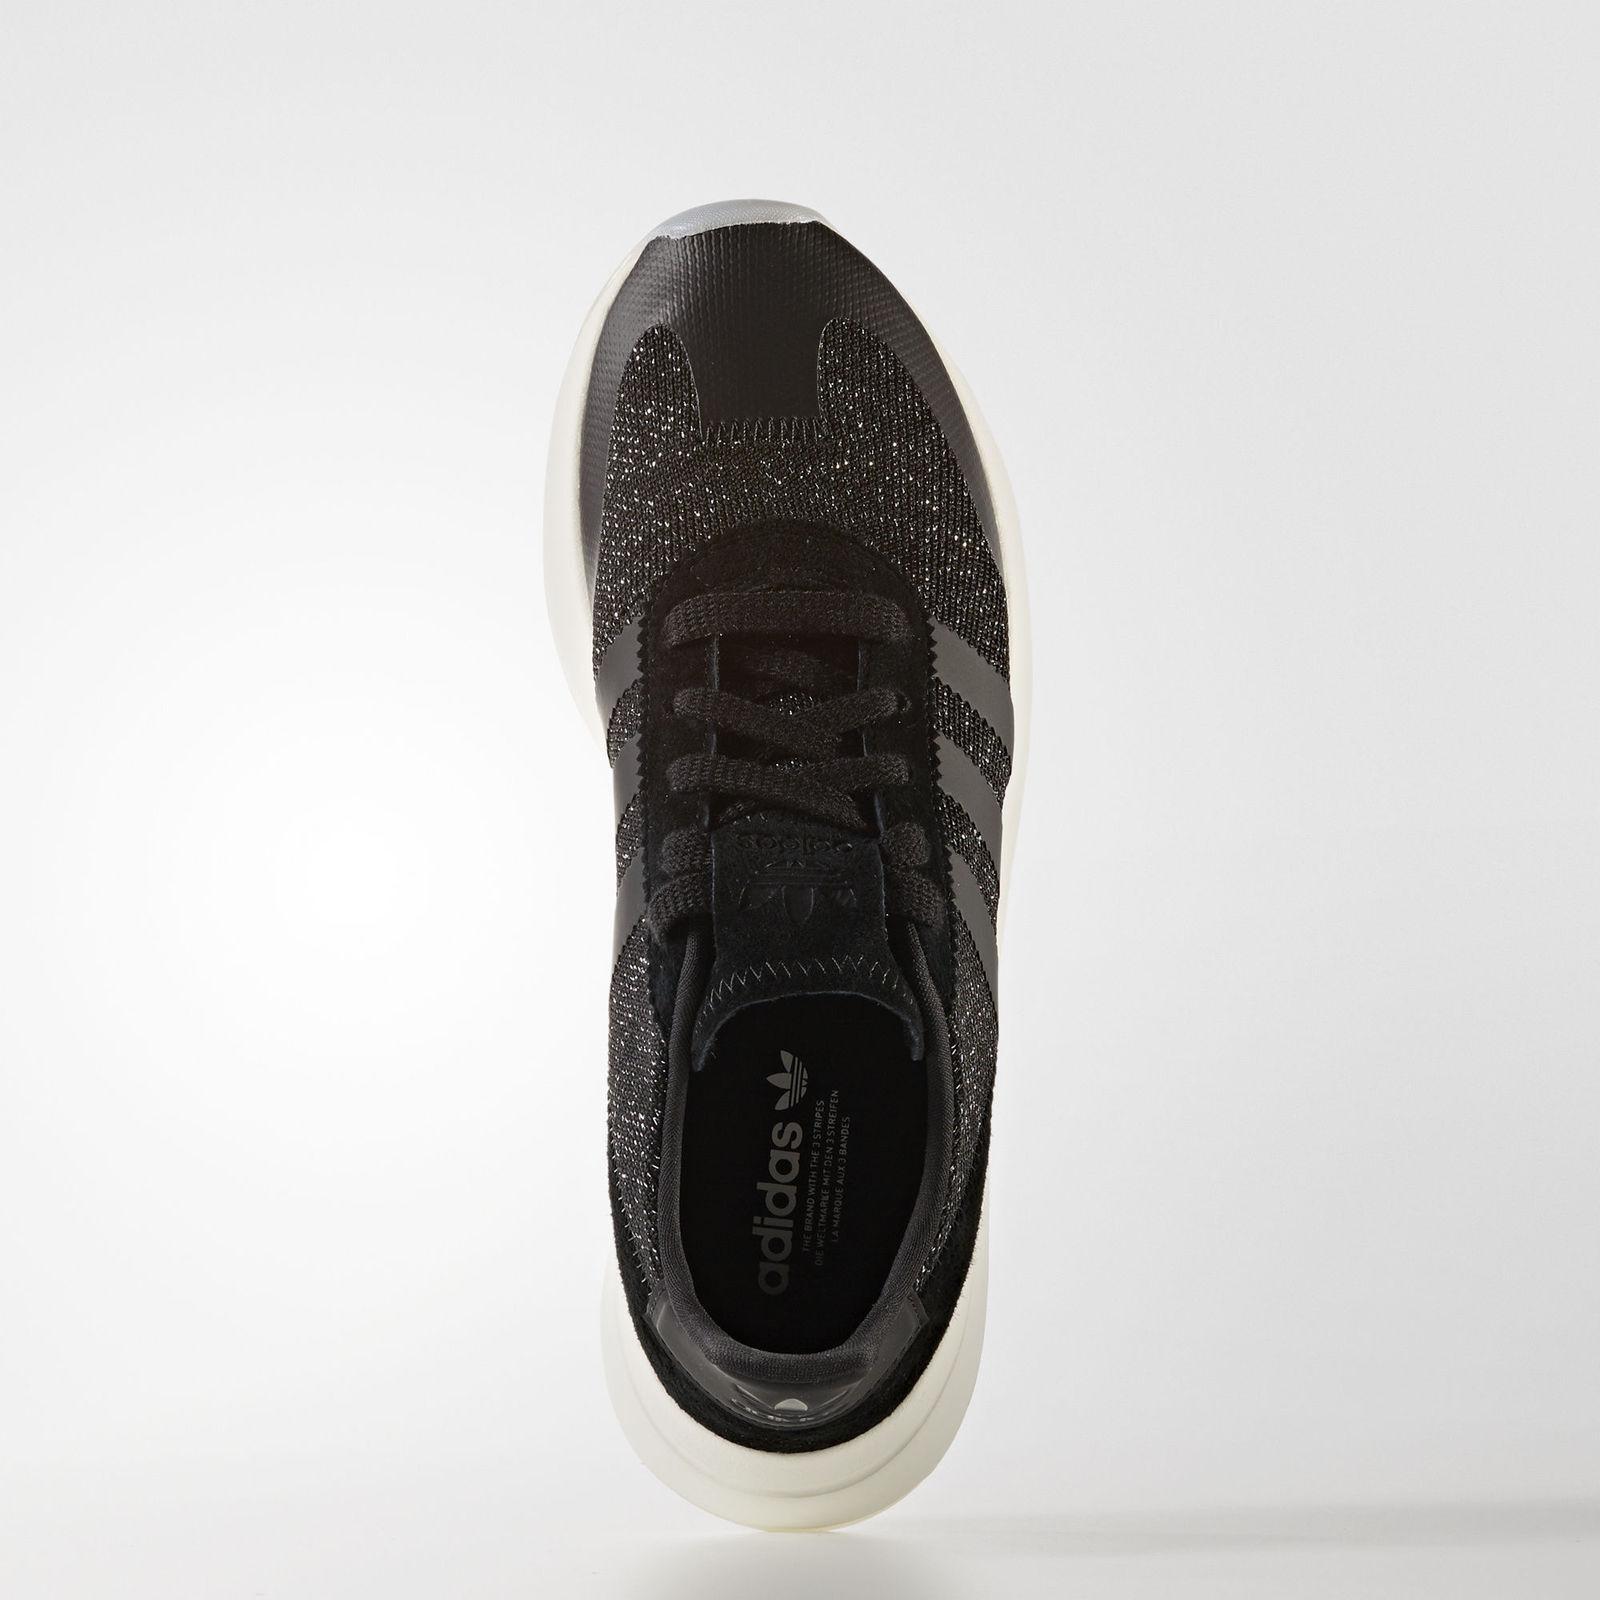 Nuova da Donna Donna Donna Adidas Flashback Scarpe Numeri  7 Coloreee  Nero | Una Grande Varietà Di Prodotti  | Scolaro/Signora Scarpa  292dc3